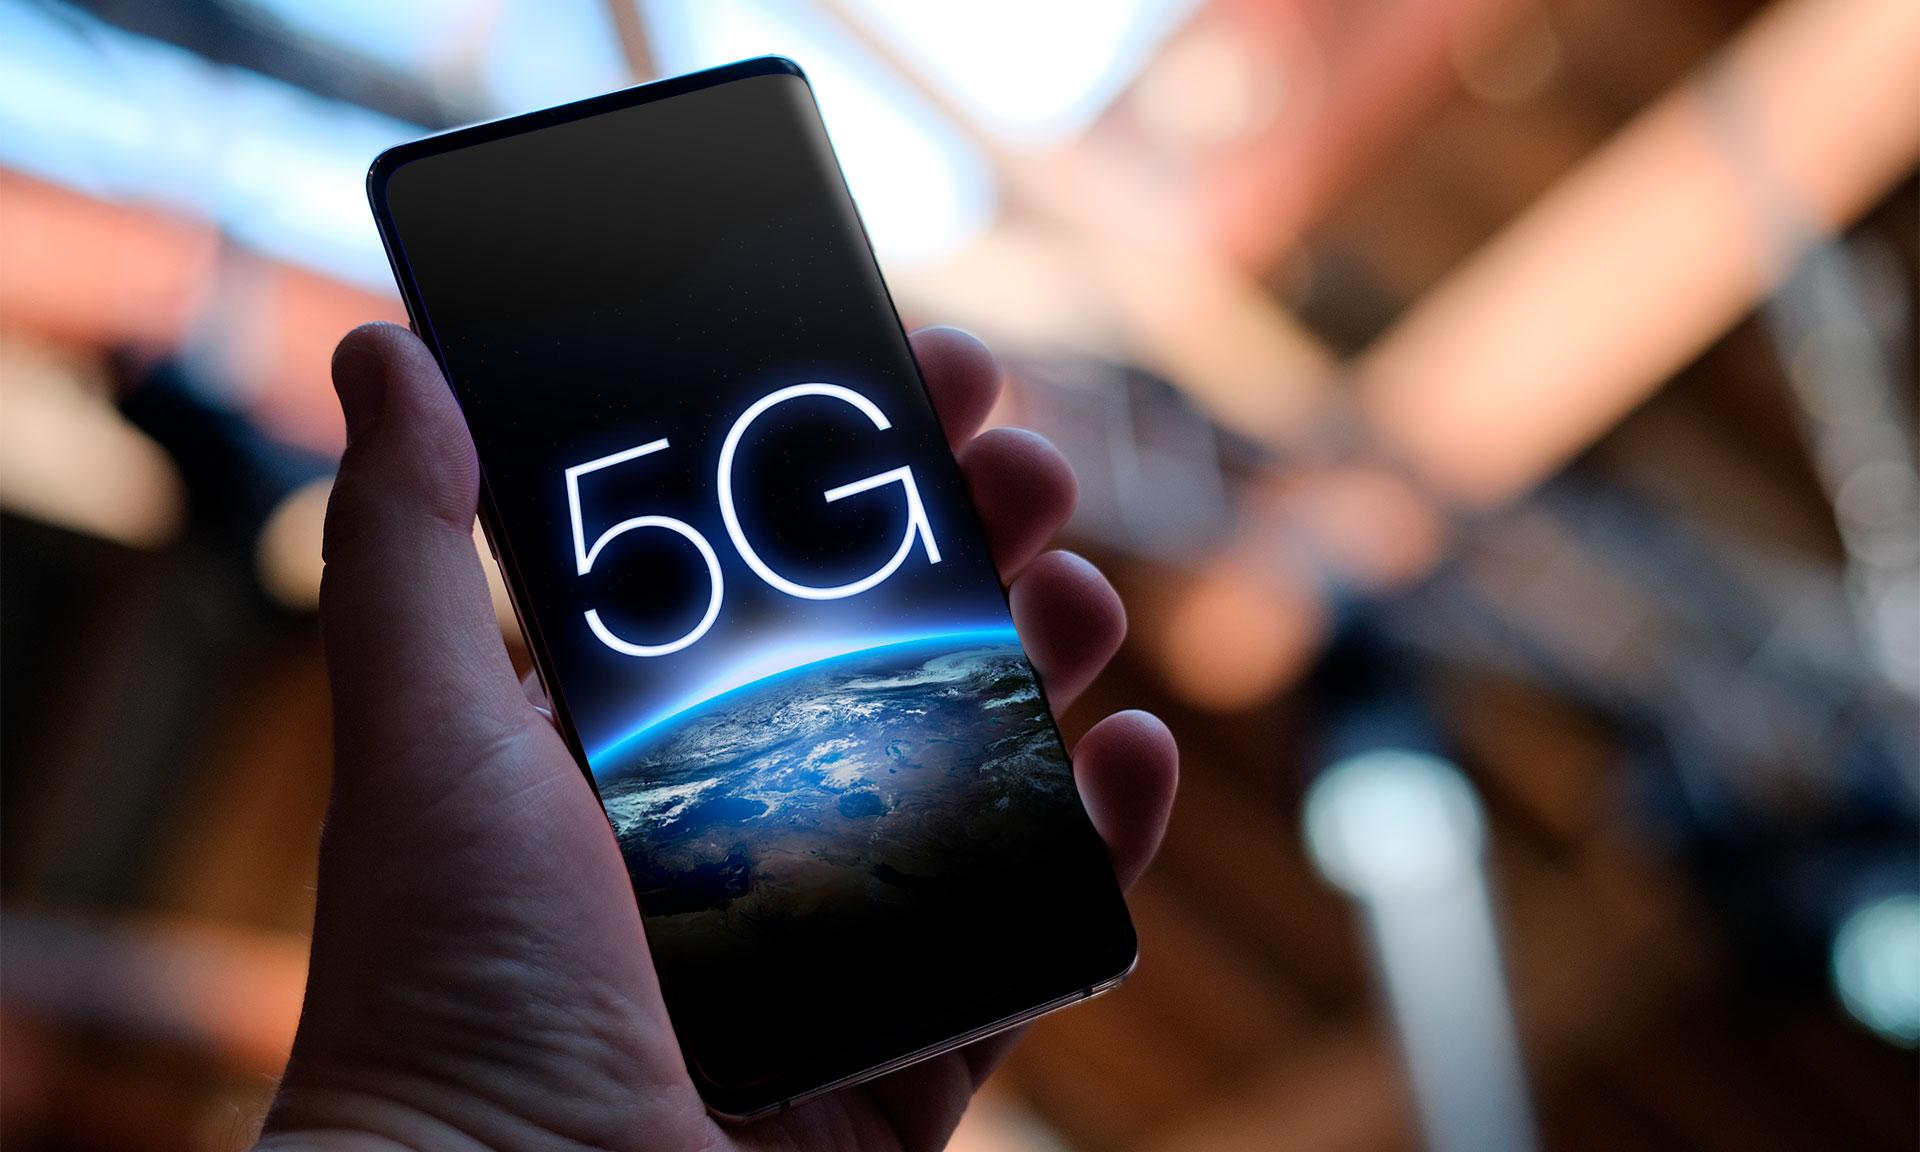 hướng dẫn cách kích hoạt mạng 5G